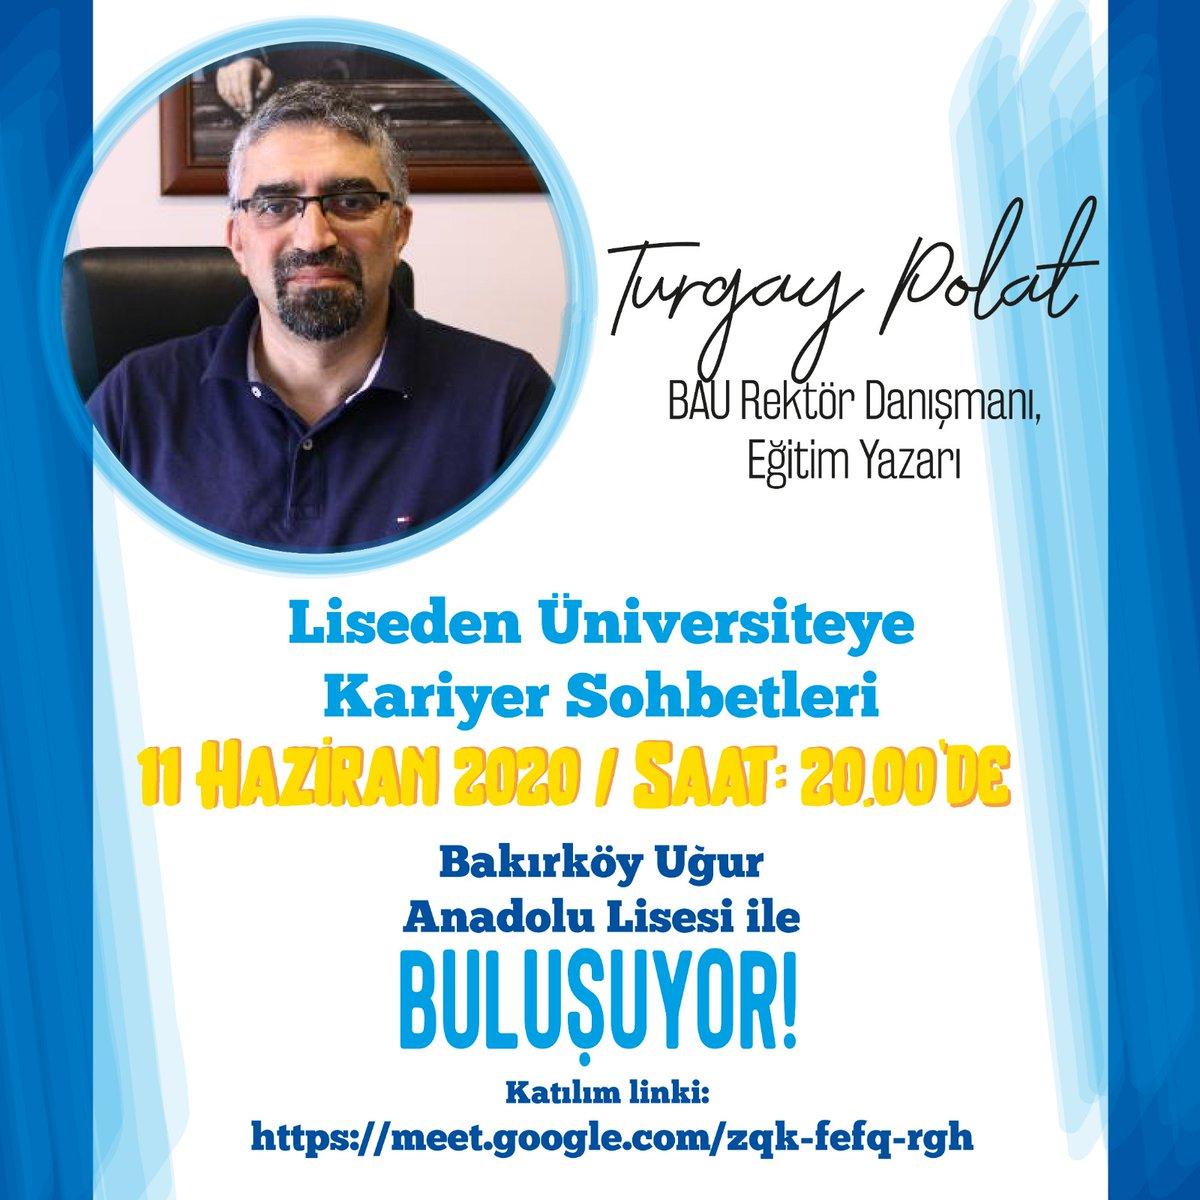 BAU Rektör Danışmanı ve Eğitim Yazarı Sn.Turgay Polat @Bakirkoy_Ugur lisesi ile biraraya gelecek...Üniversite sürecinde  farklı bir bakis açısı kazandıracak olan bu seminere tüm öğrencilerimiz ve velilerimiz davetlidir @turgaypolatt https://t.co/Dm9T3WDtjv